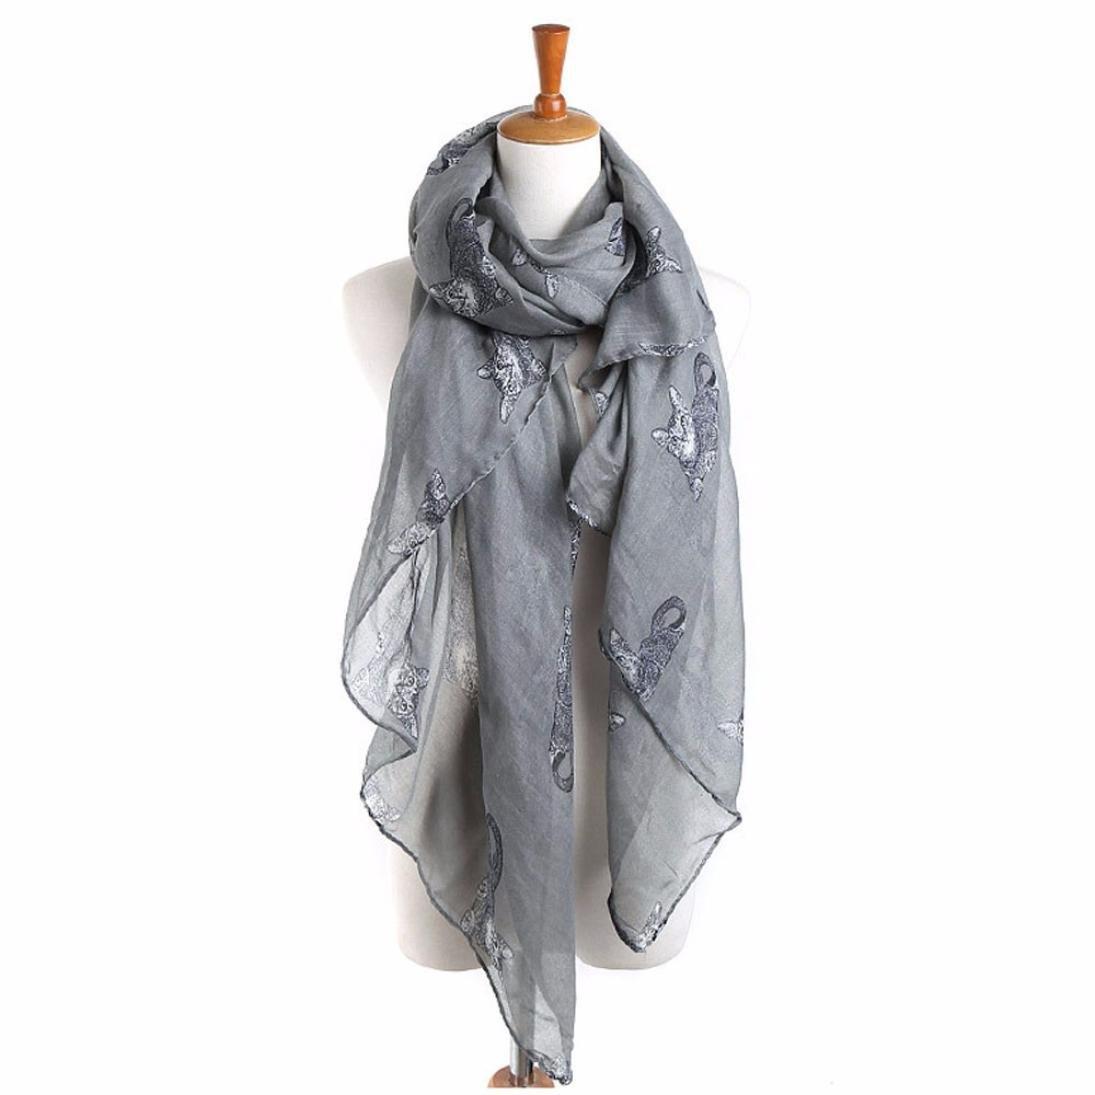 acc054edbdb Internet Châle Foulard en Mousseline de soie Foulards Longue écharpe Belle  Accessoire